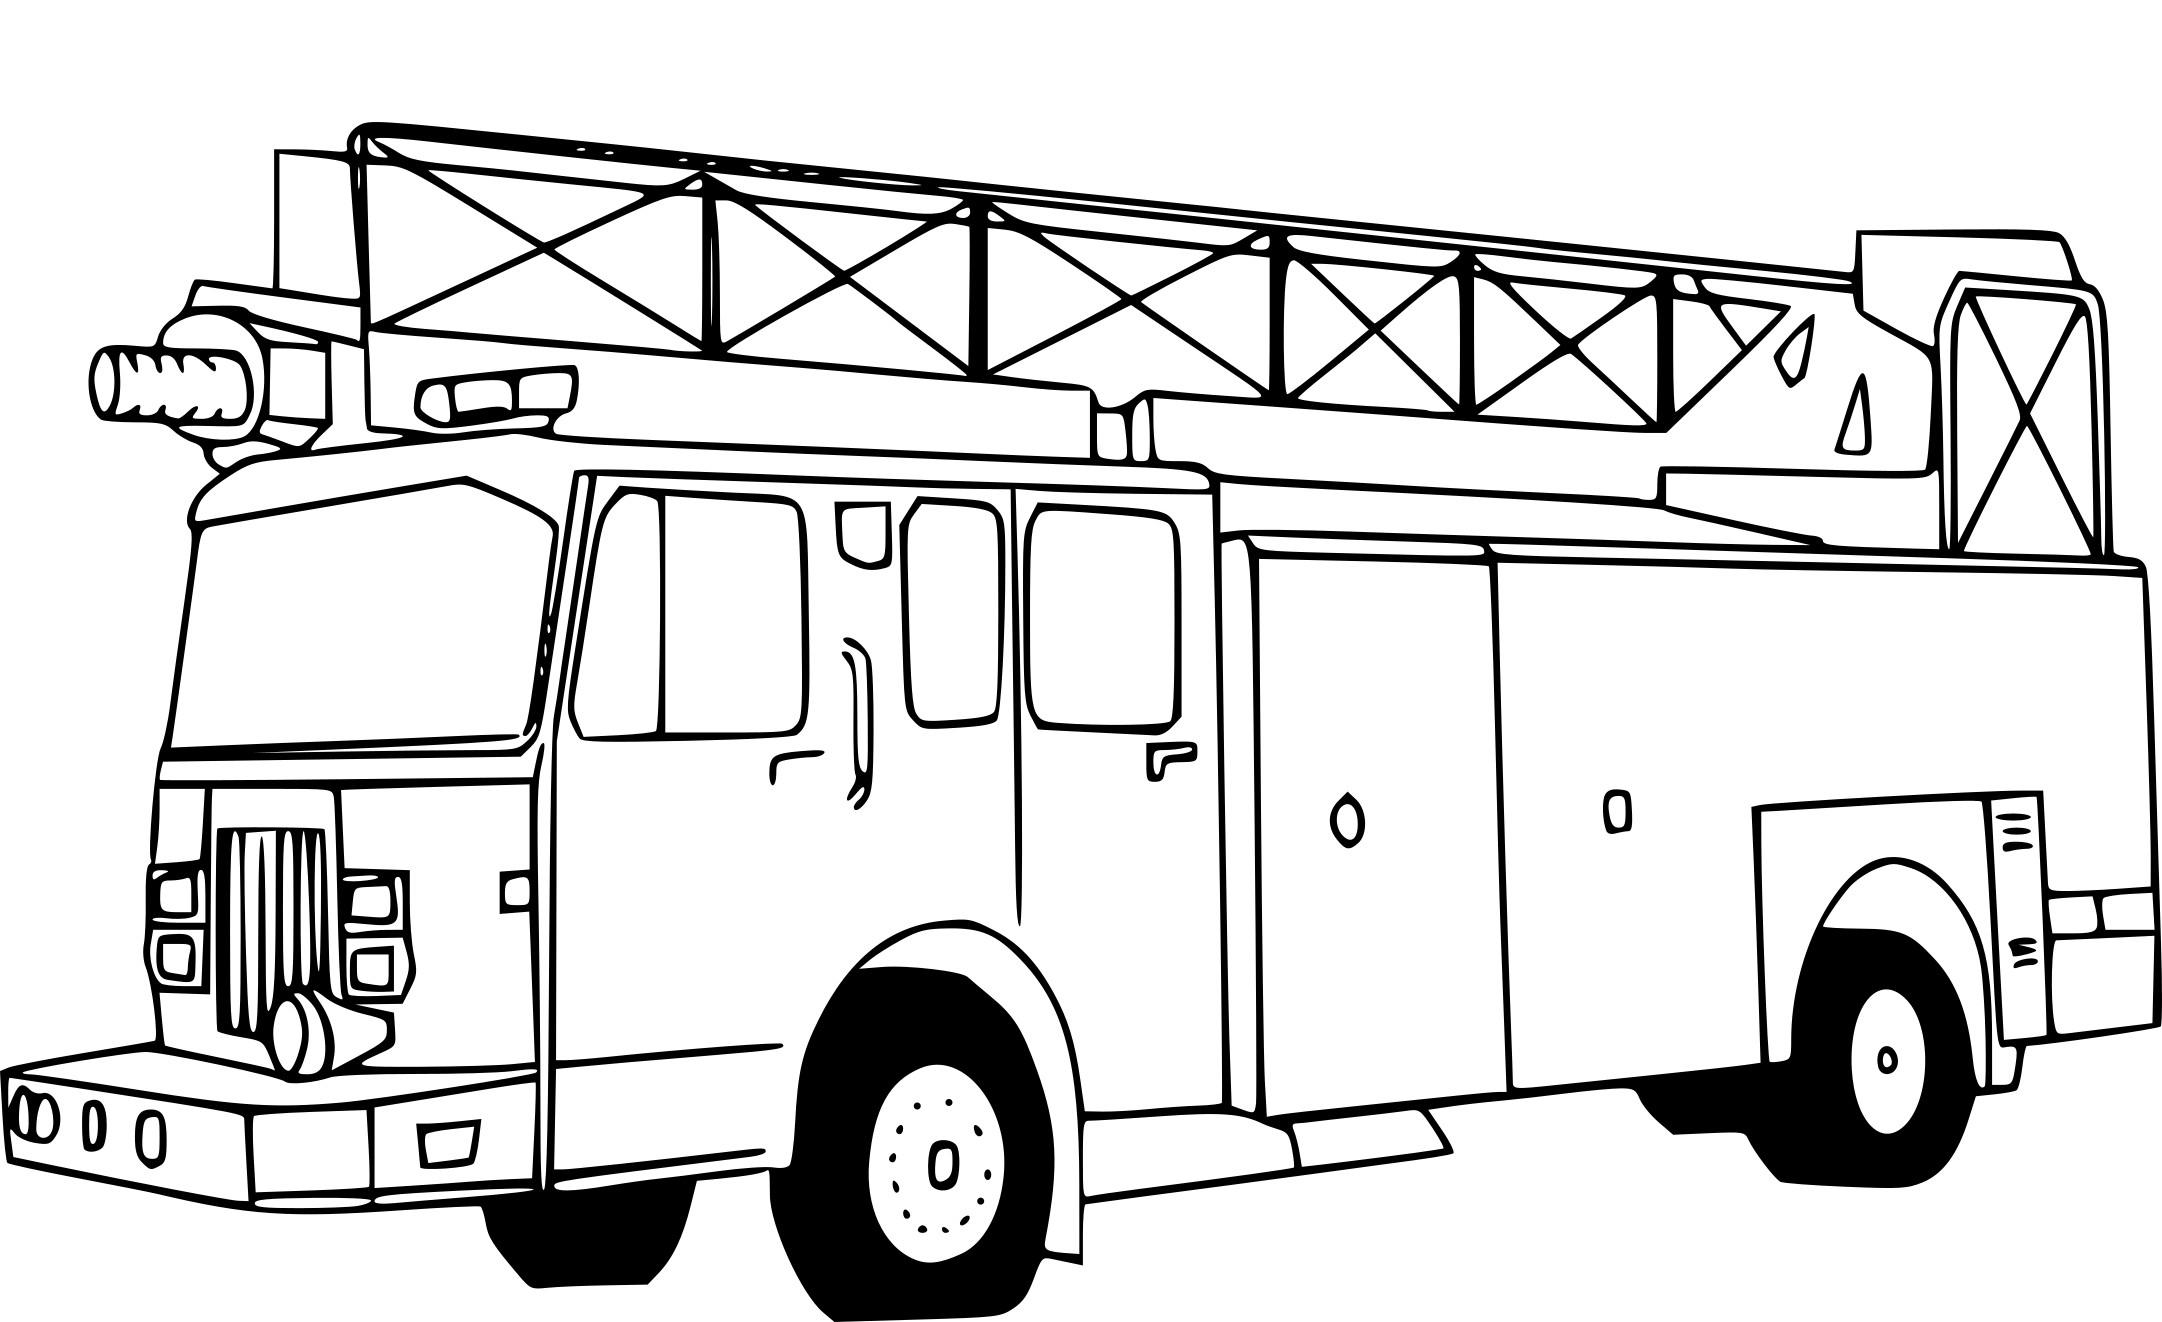 Coloriage Pompier Camion À Imprimer Sur Coloriages à Coloriage Pompier A Imprimer Gratuit